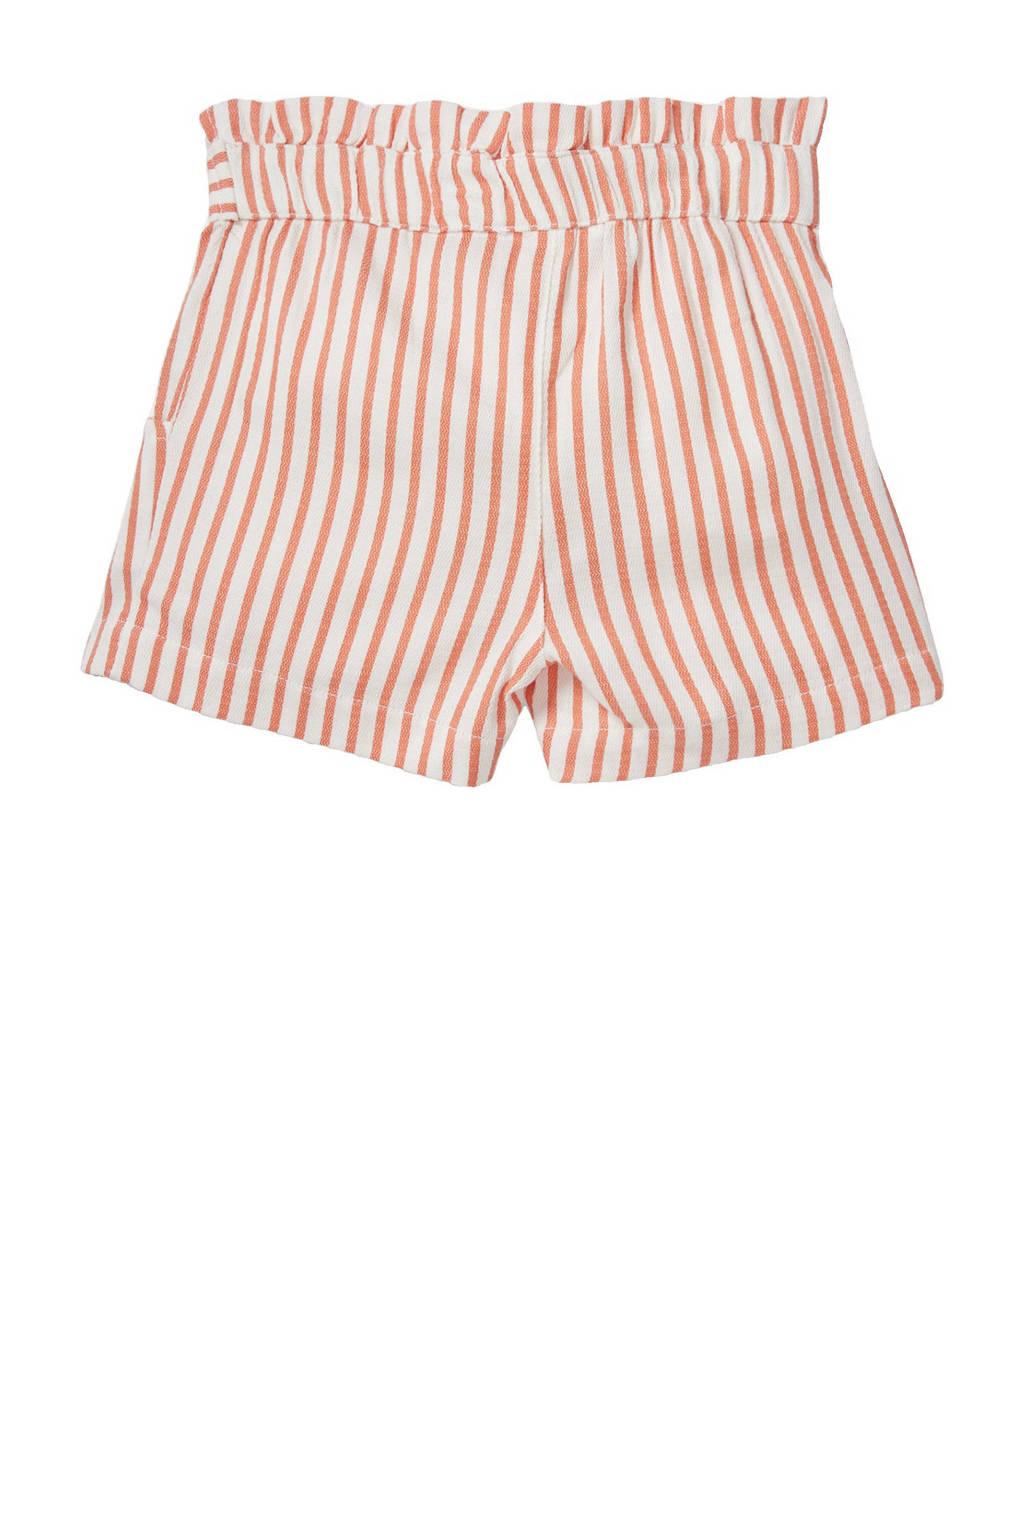 C&A Happy girls Club gestreepte short oranje/wit, Oranje/wit